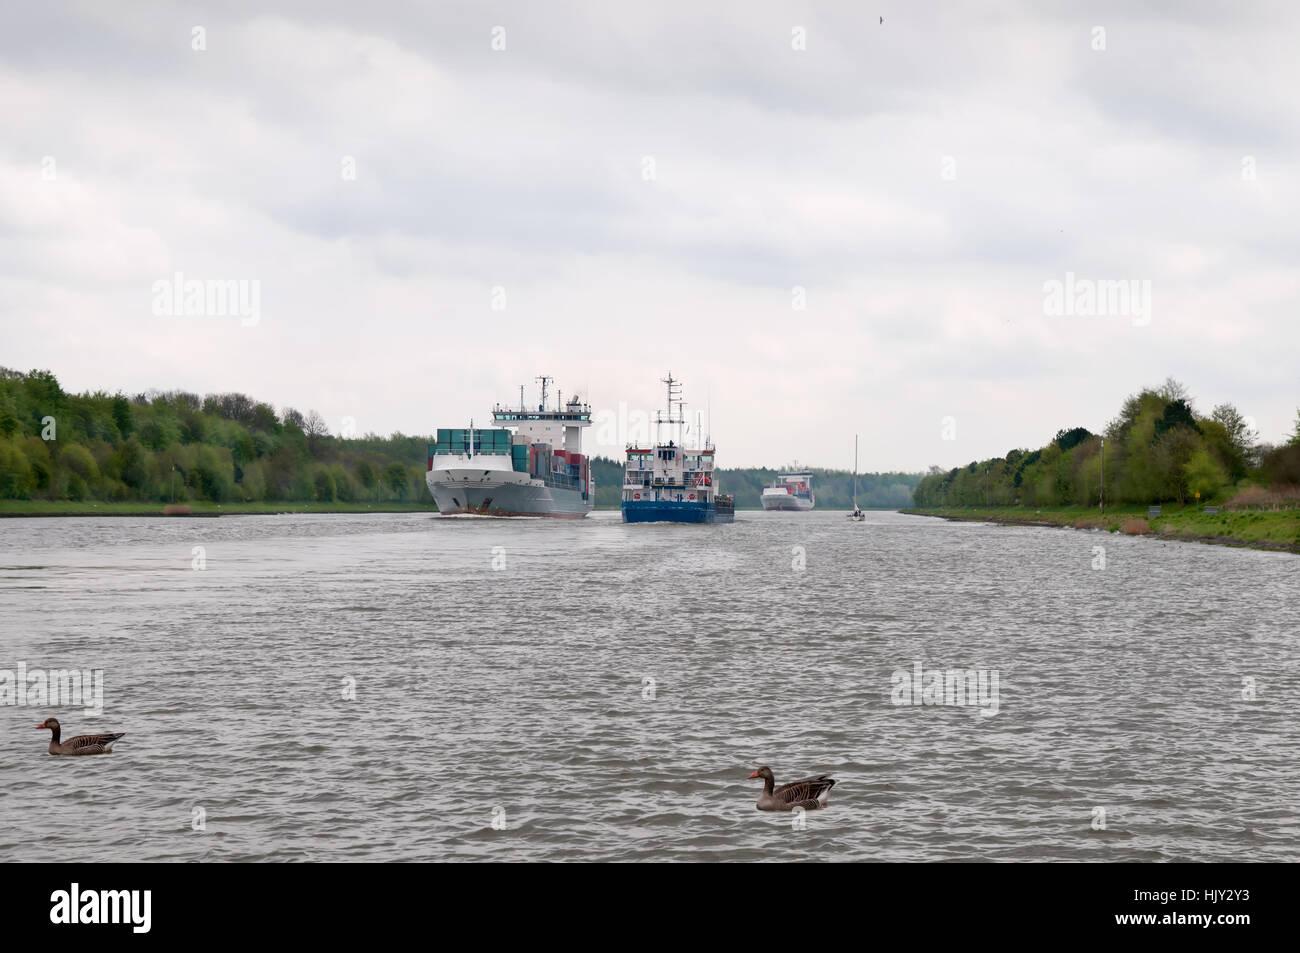 ships, sailing boat, sailboat, rowing boat, boat, watercraft, navigation, Stock Photo